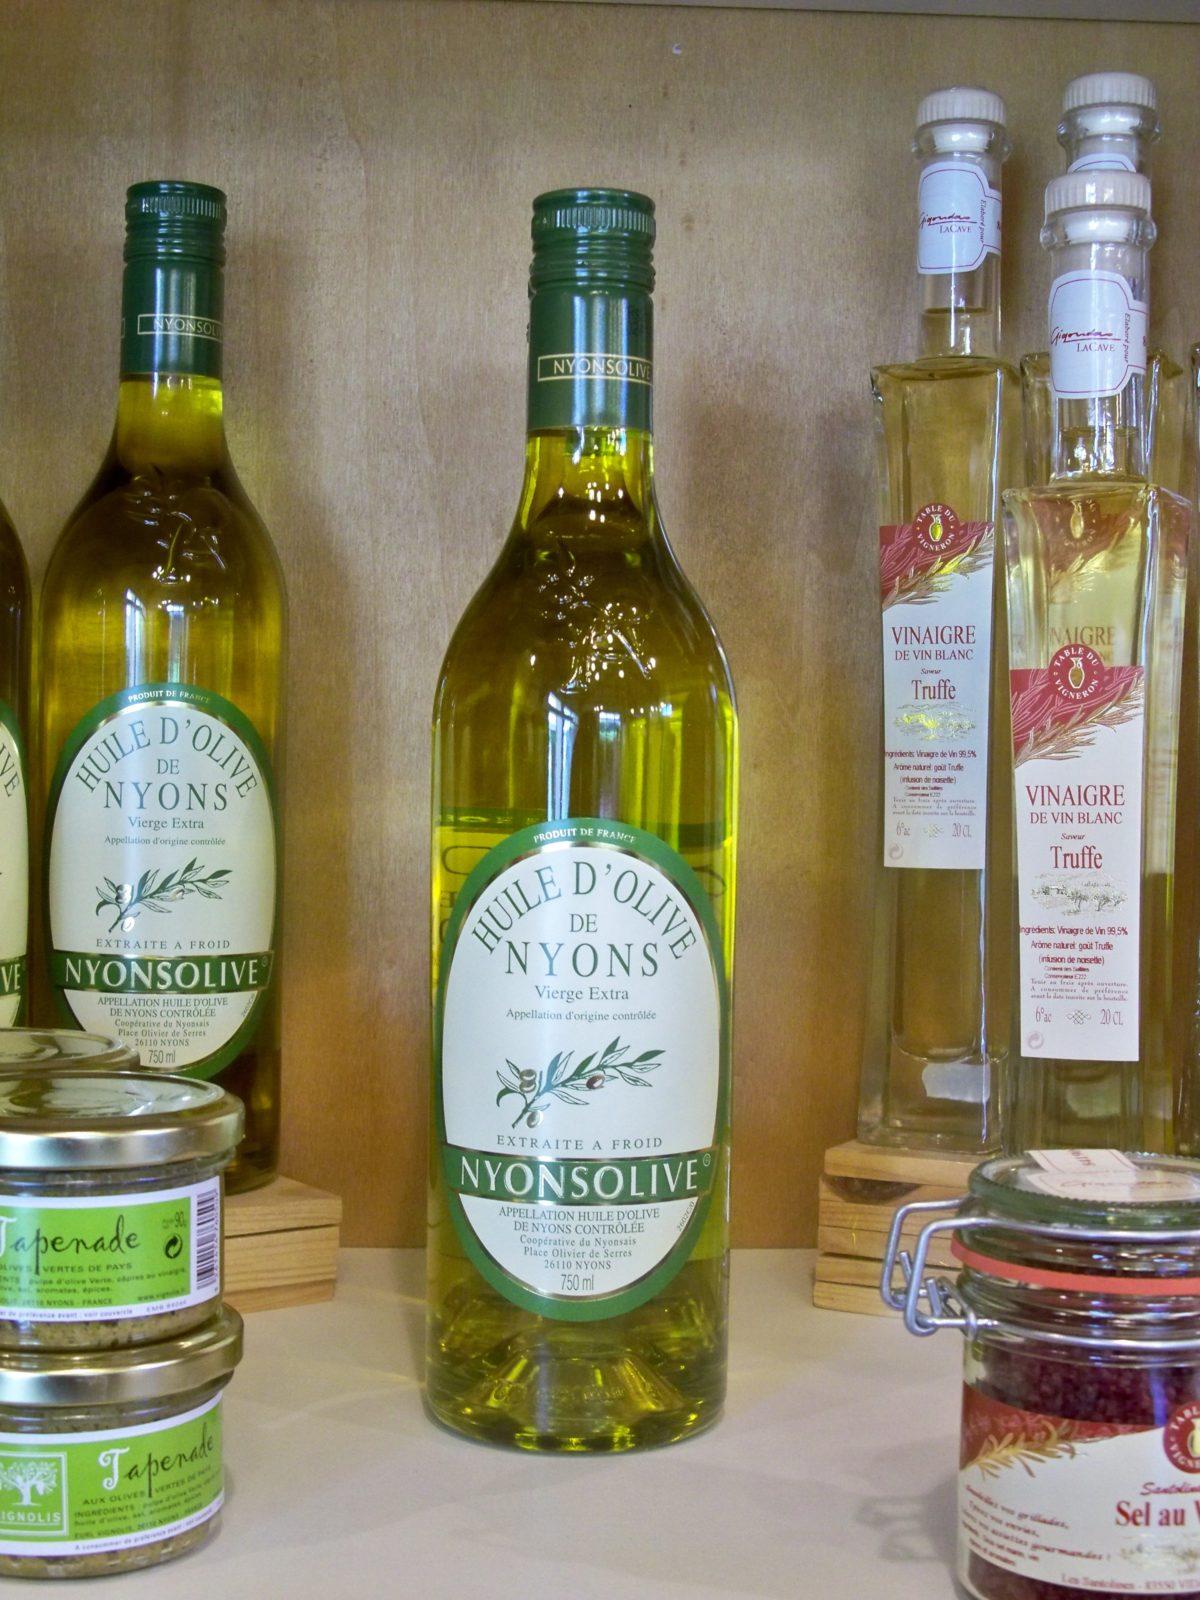 L'huile d'olive de Nyons, appellation d'origine protégée.